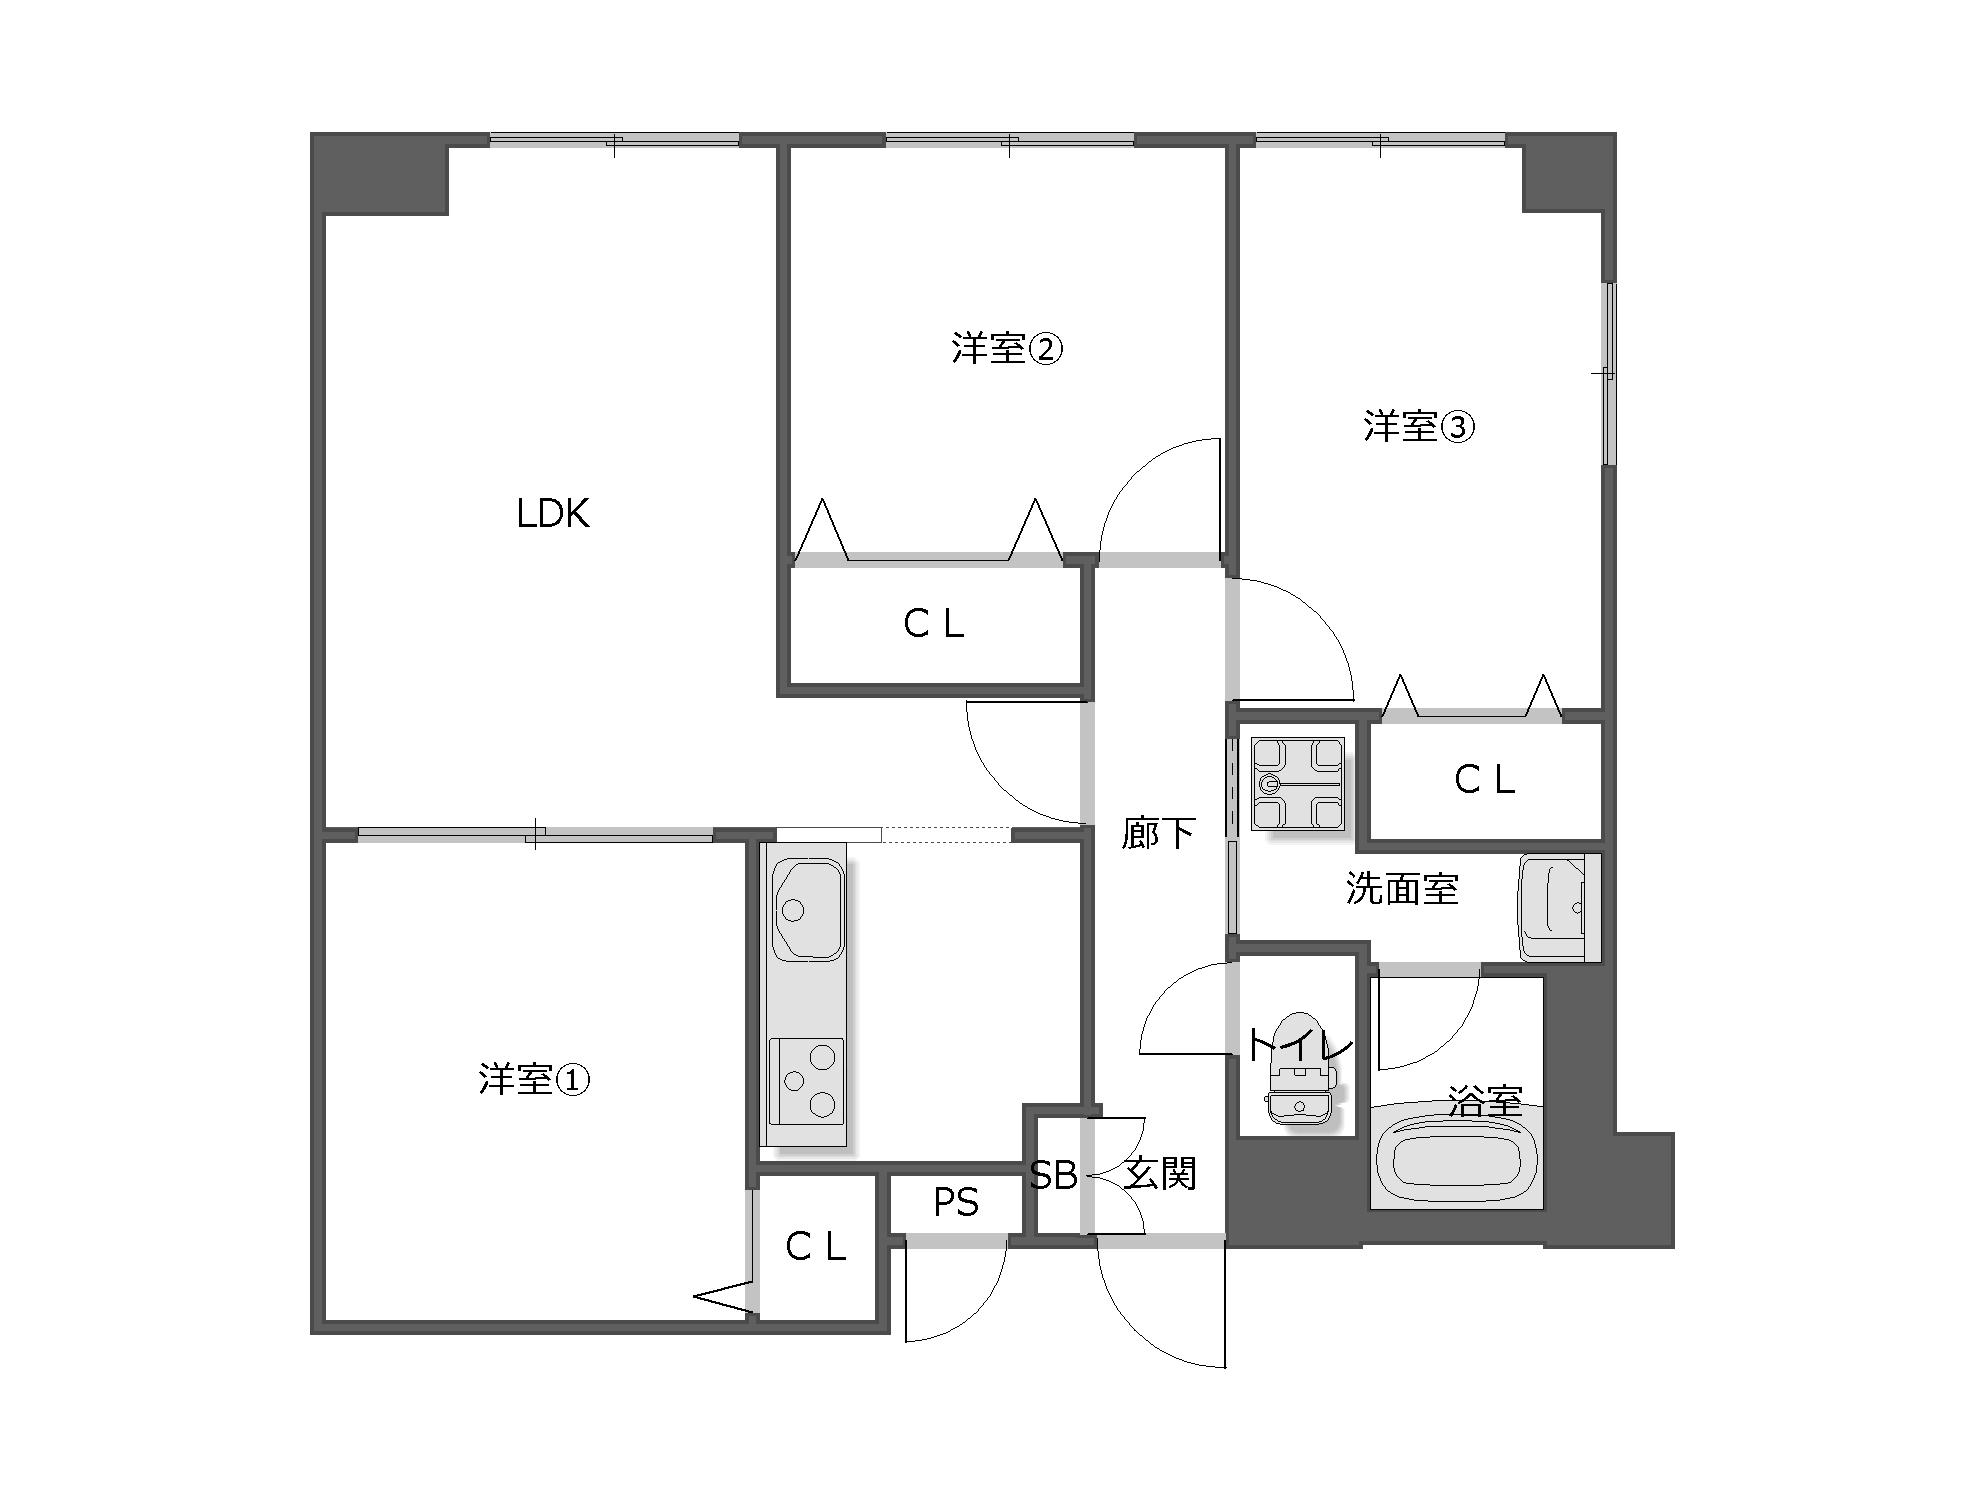 2LDK 愛知県名古屋市・空室対策前